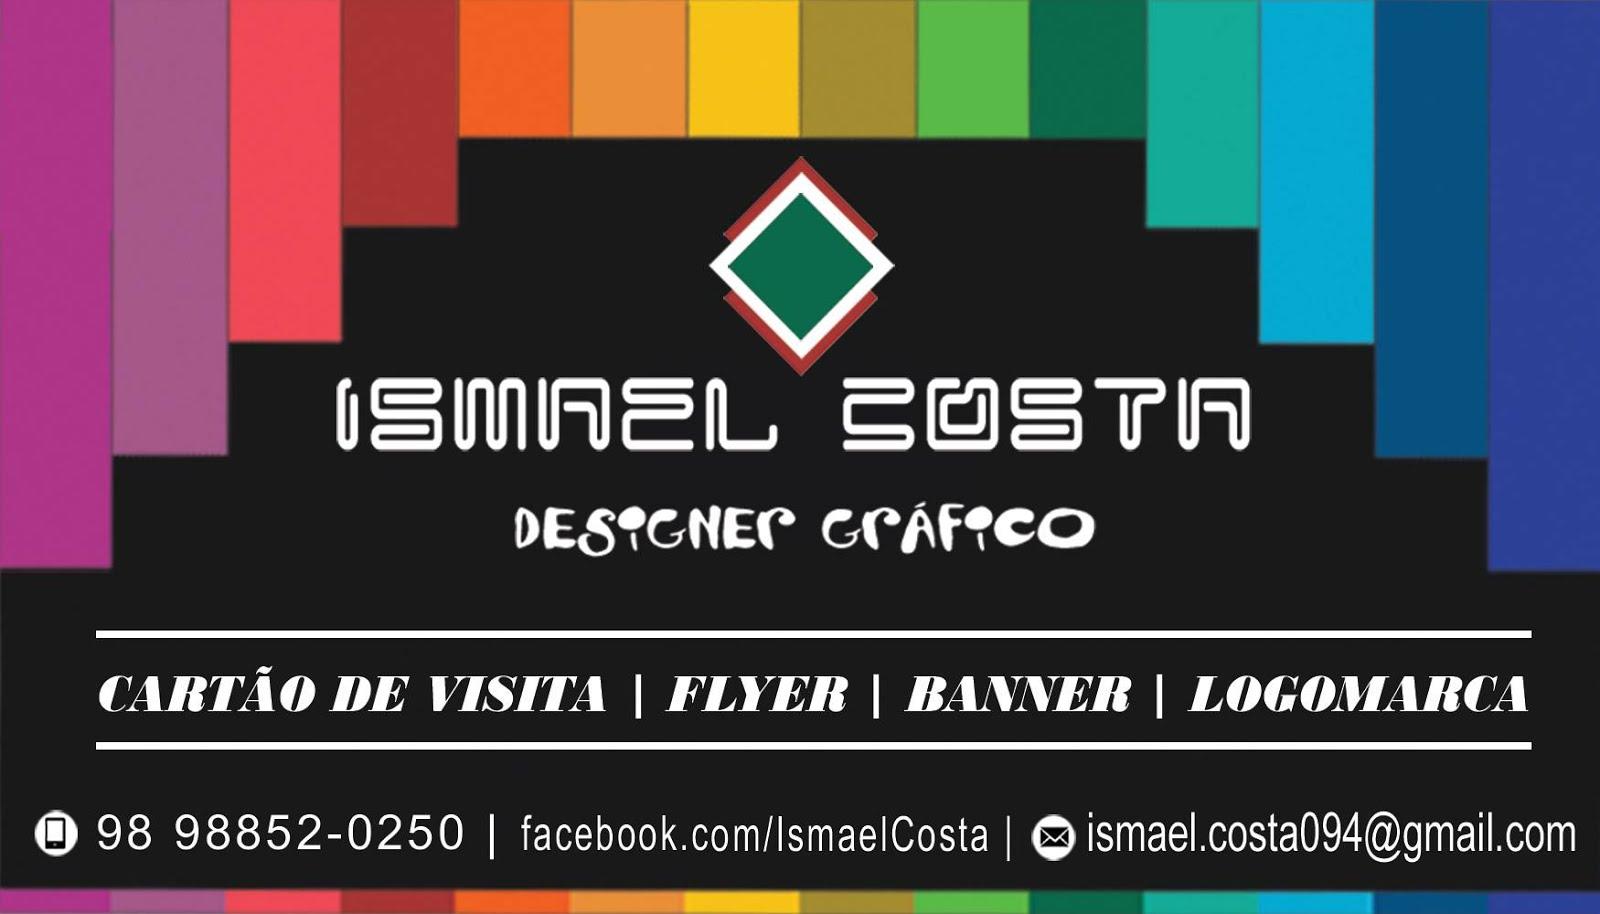 Ismael Costa - Designer